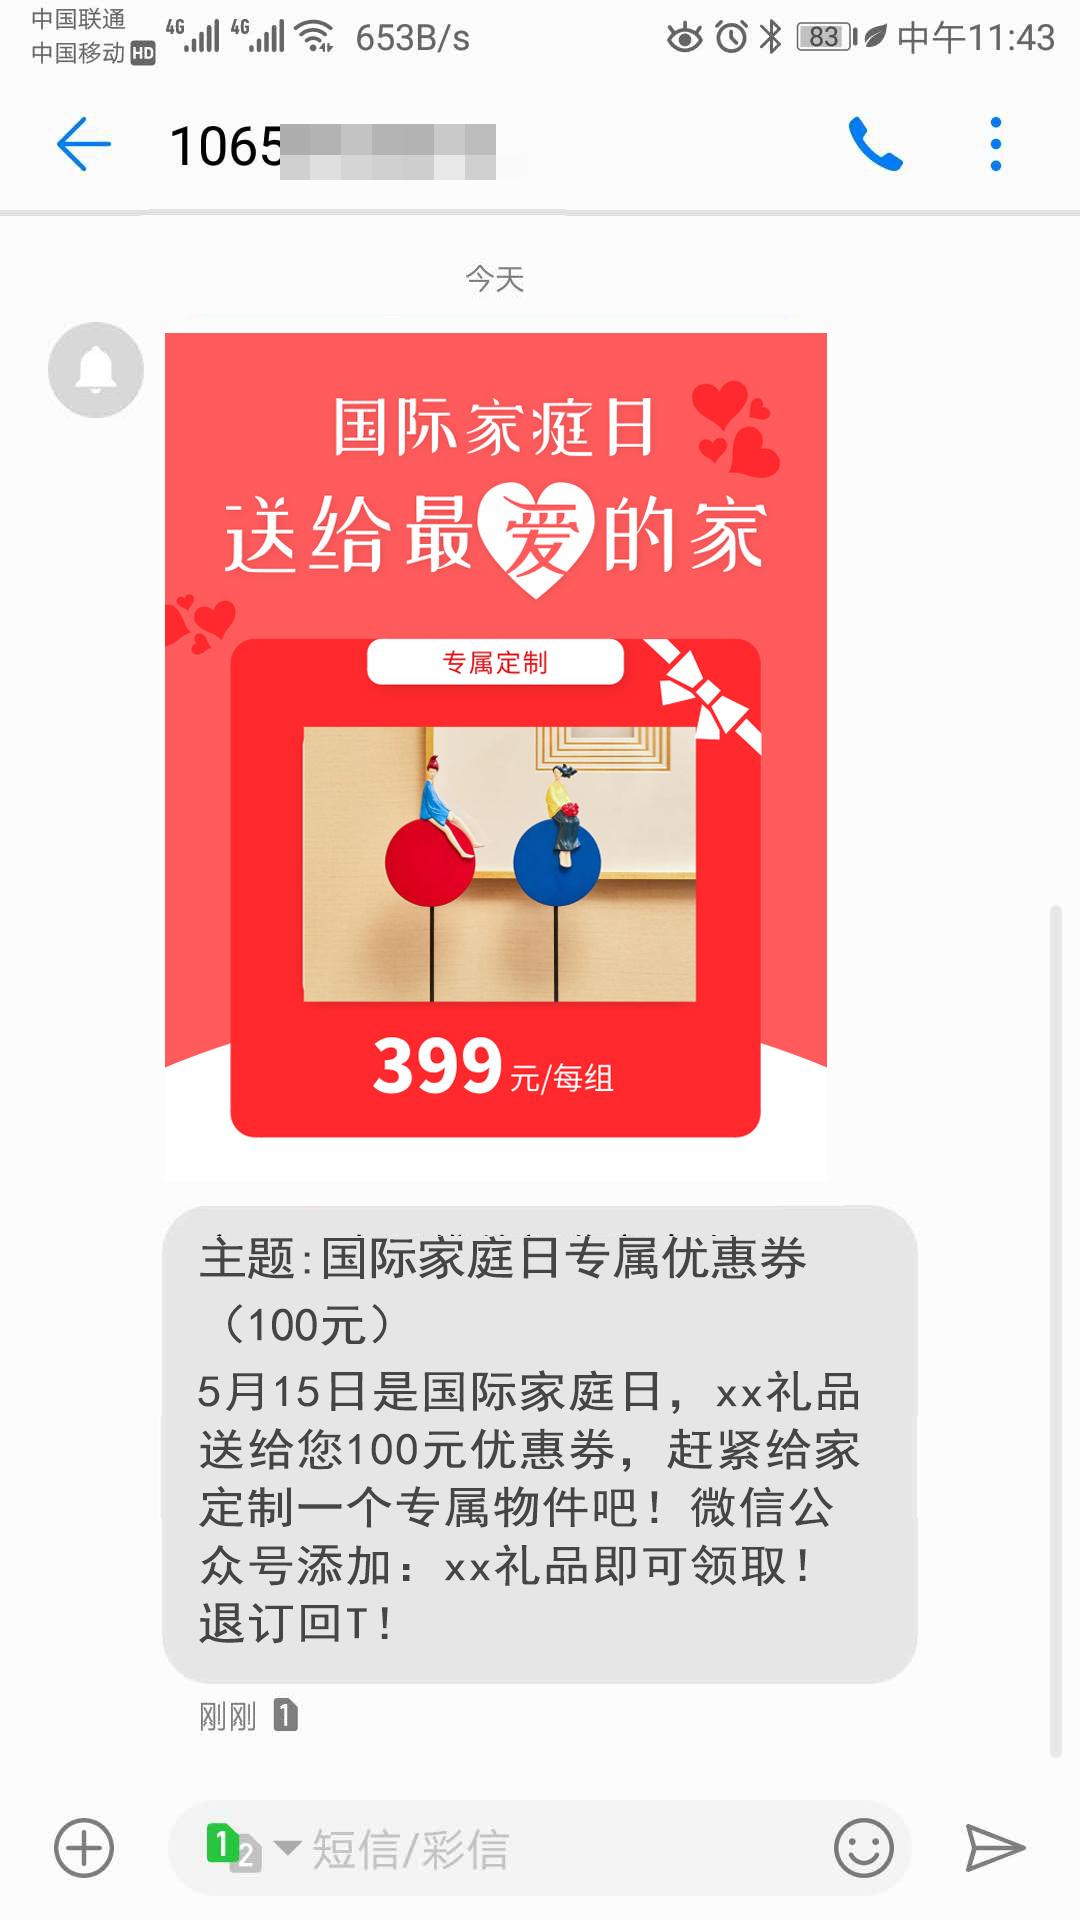 礼品行业群发彩信营销示例.jpg